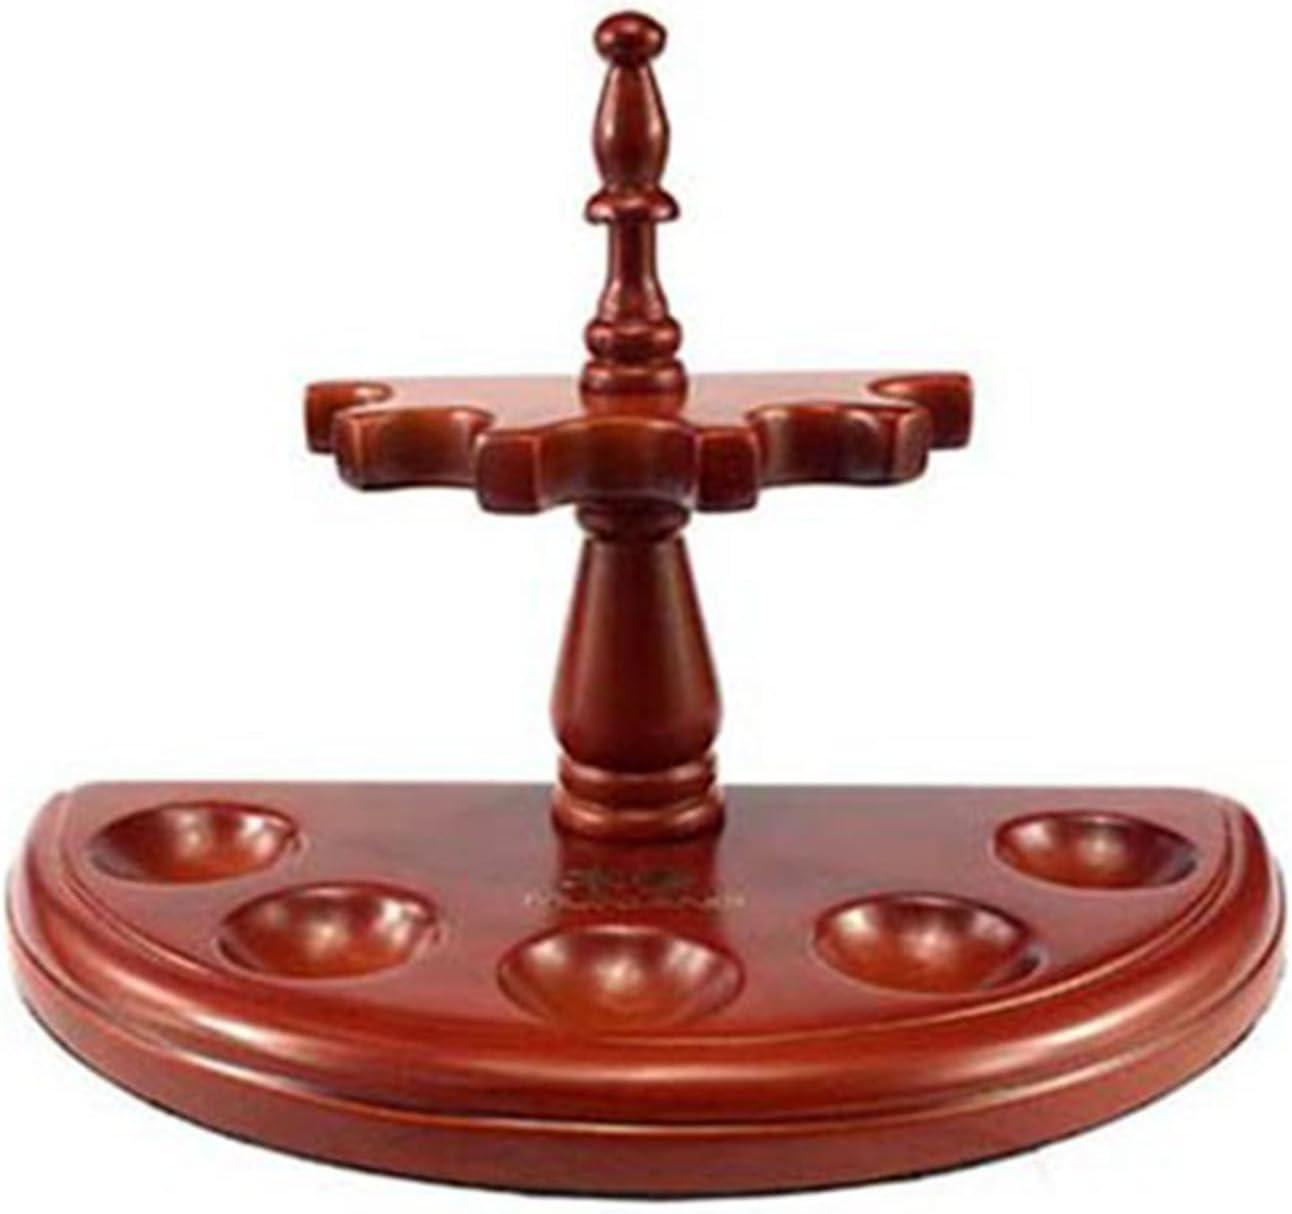 Soporte de Madera Maciza Pipero Porta Pipas Circular Color Caoba Cachimba 4634